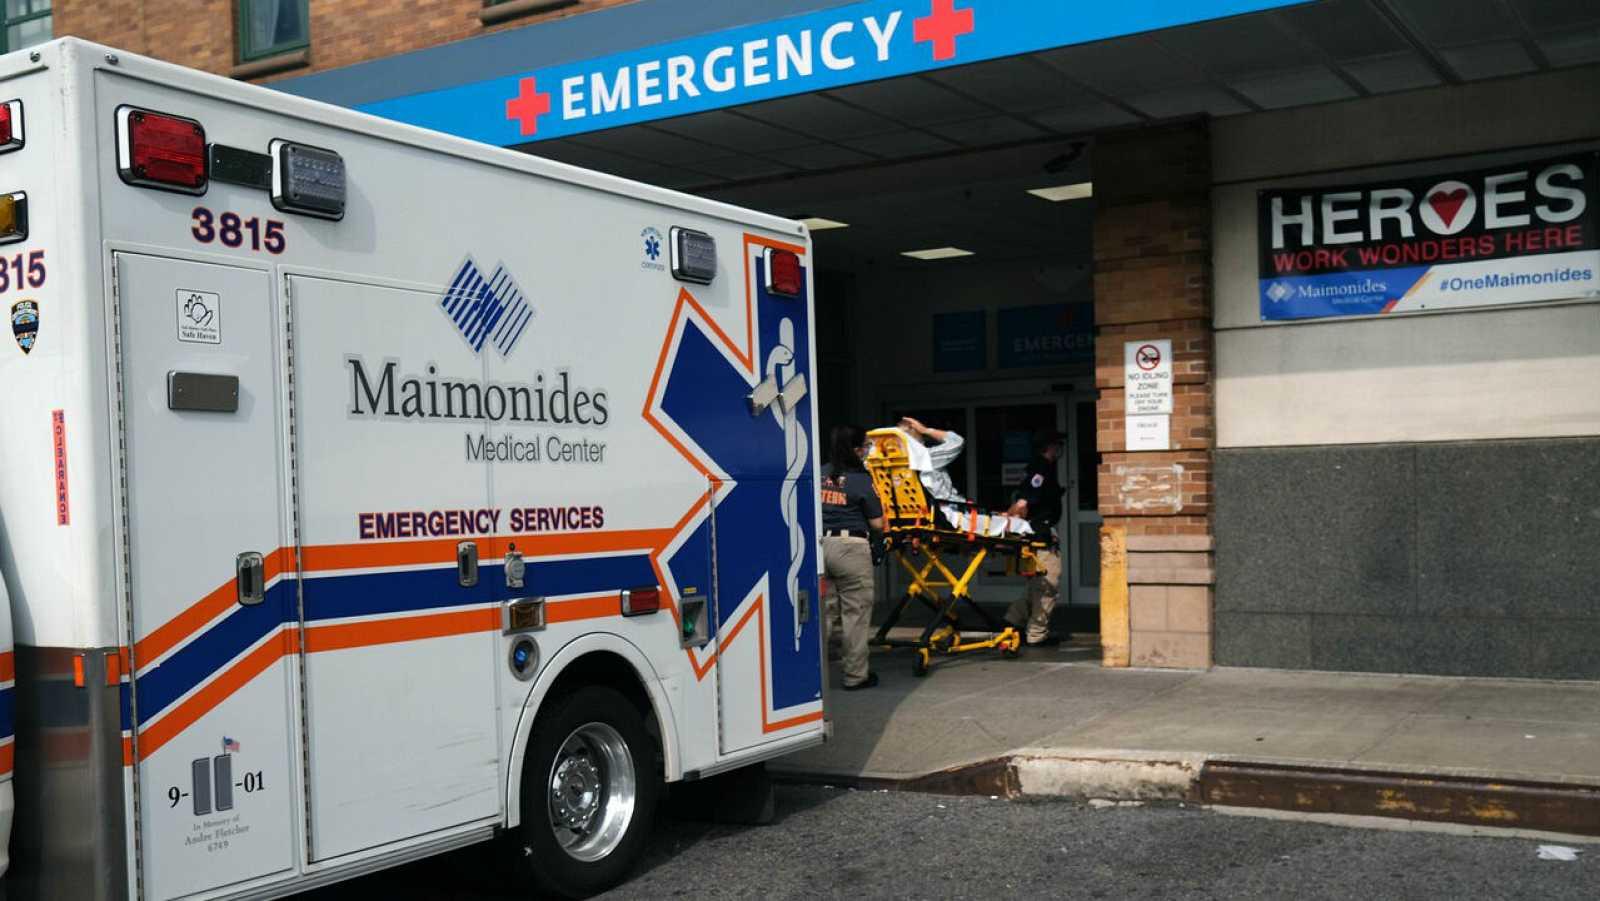 Los trabajadores médicos trasladan a un paciente al Centro Médico Maimónides en el distrito de Brooklyn de la ciudad de Nueva York, Estados Unidos.